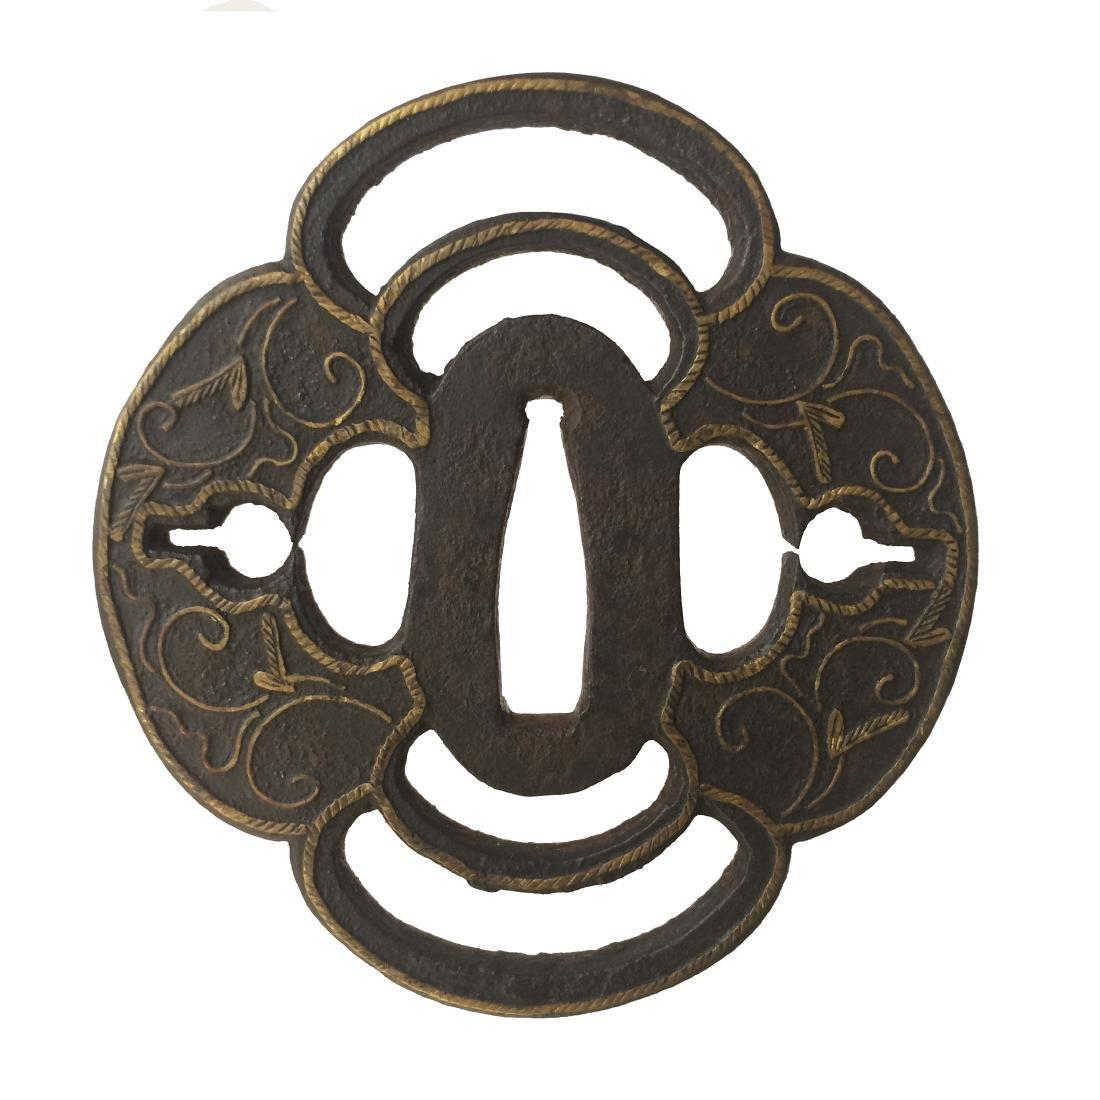 Heianjo school iron tsuba with brass inlay